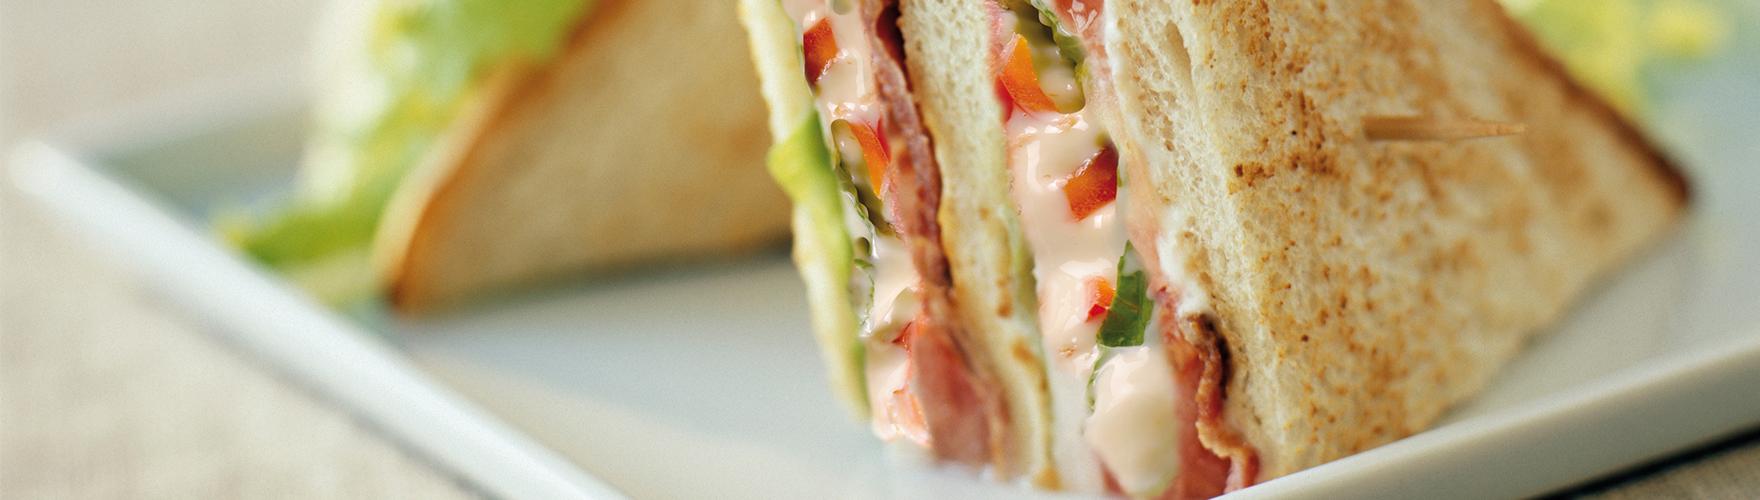 Un clásico sándwich club